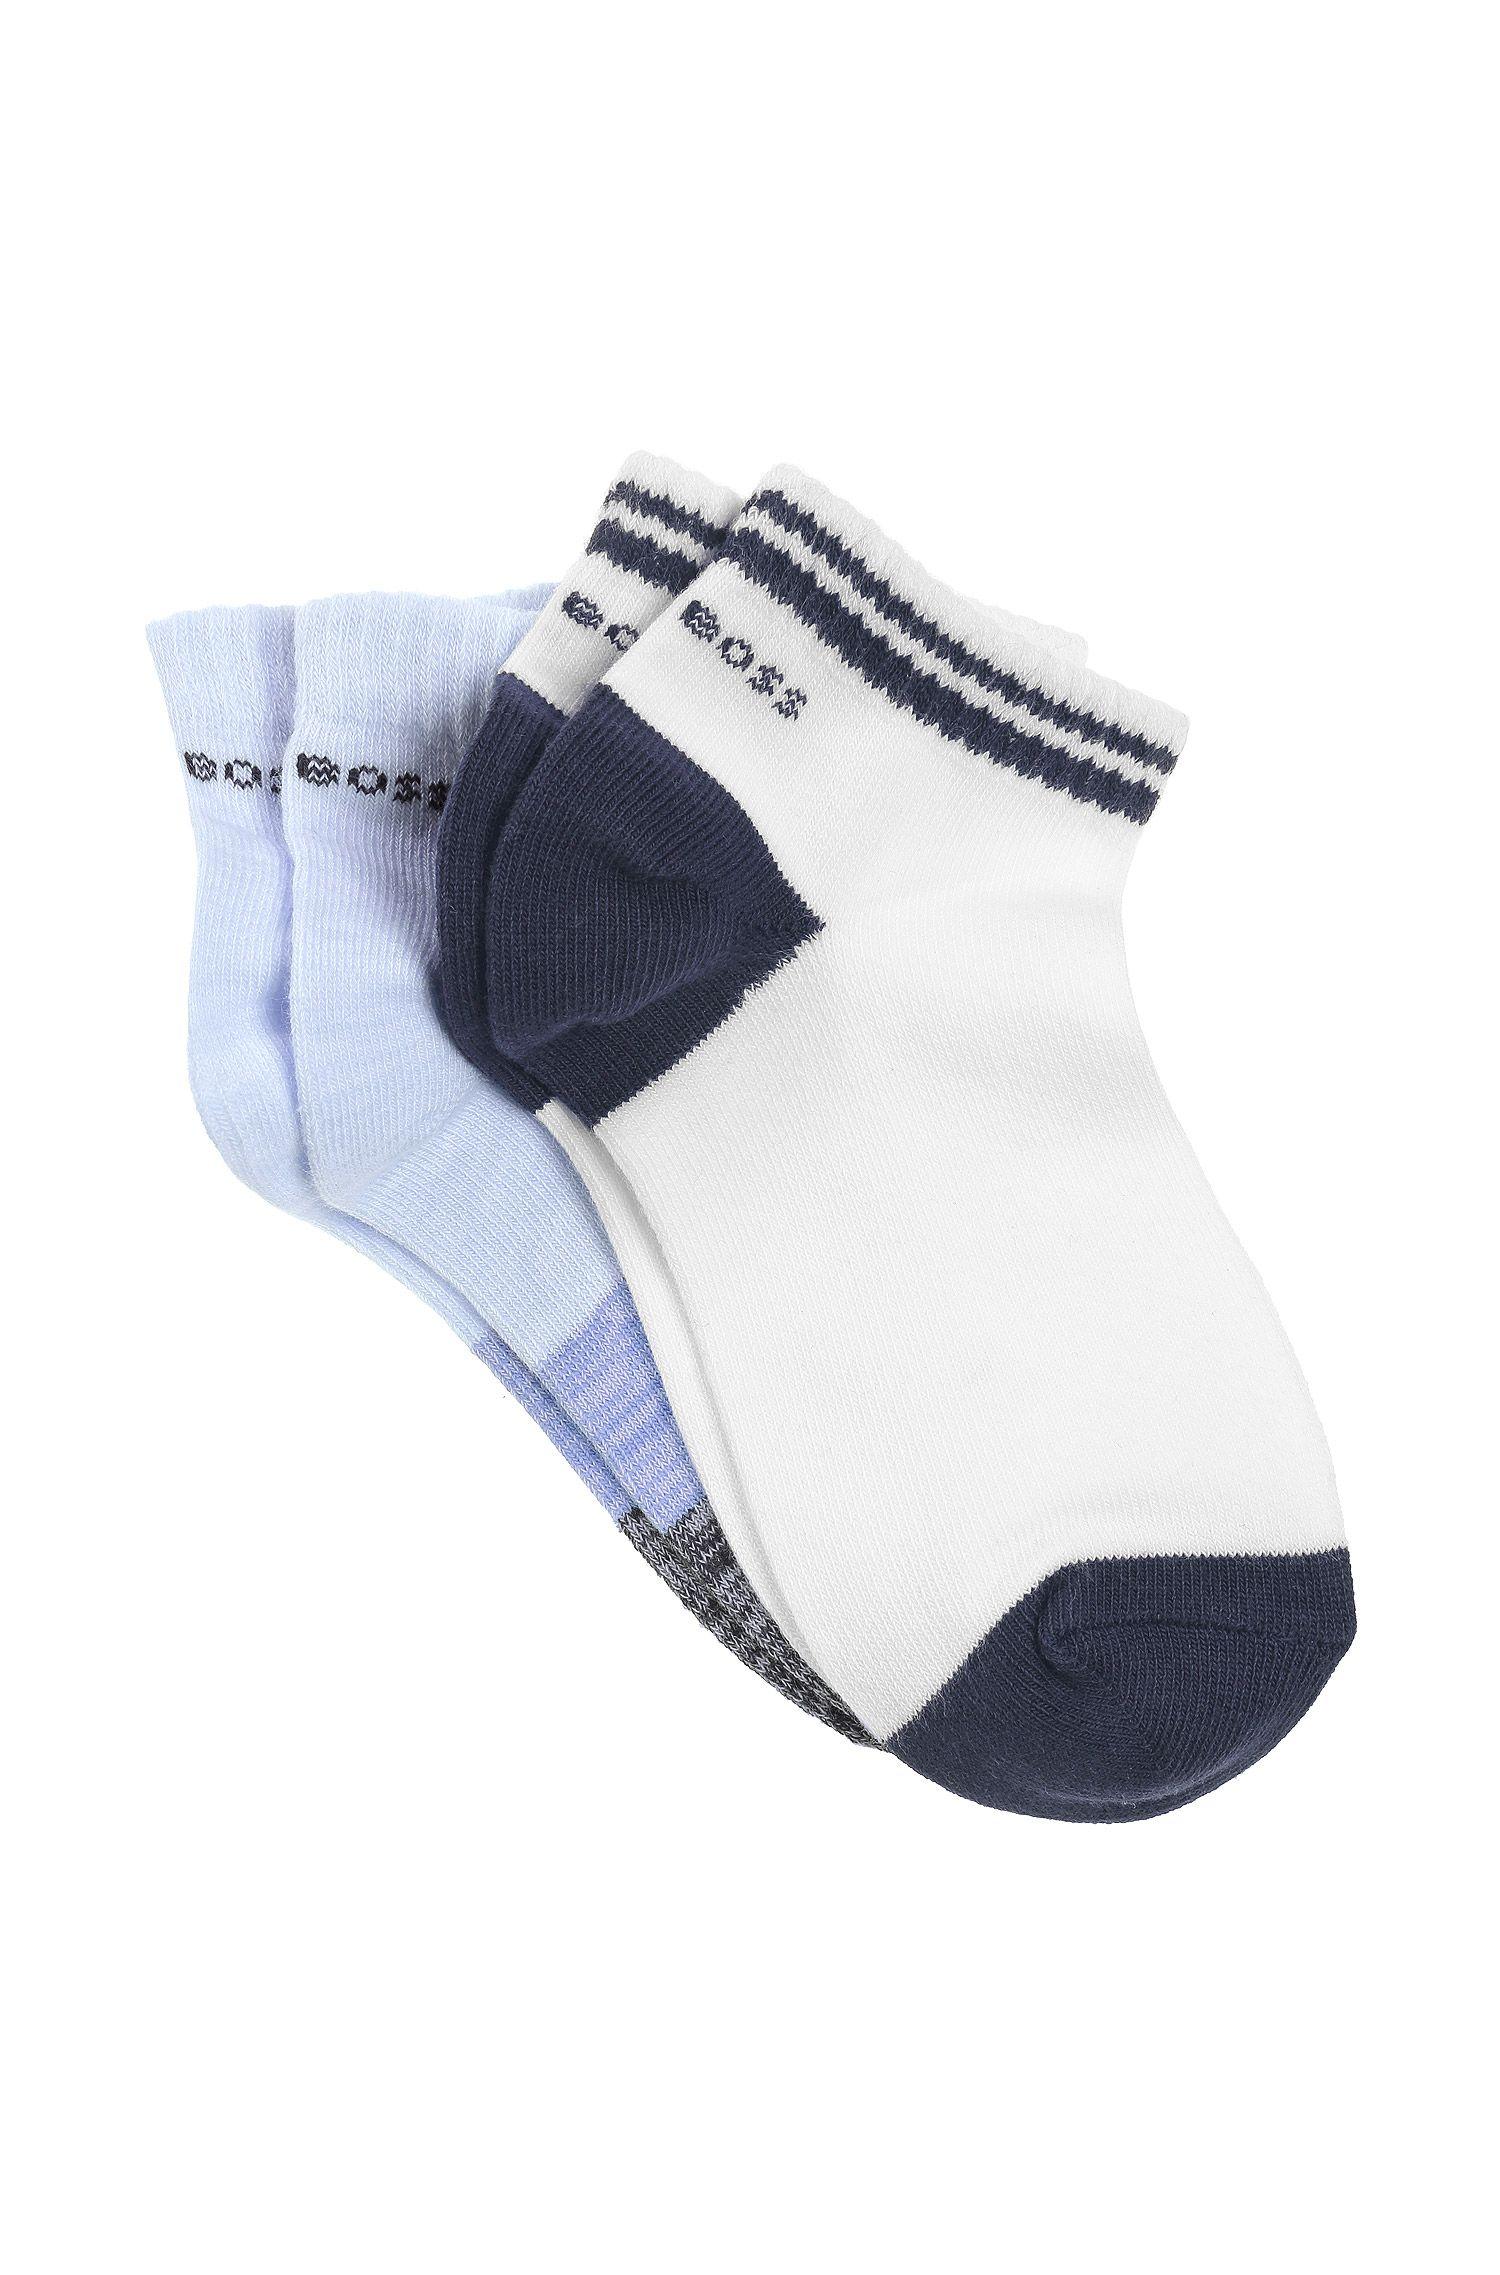 2er-Pack Sneaker-Socken ´J20157` aus Baumwoll-Mix